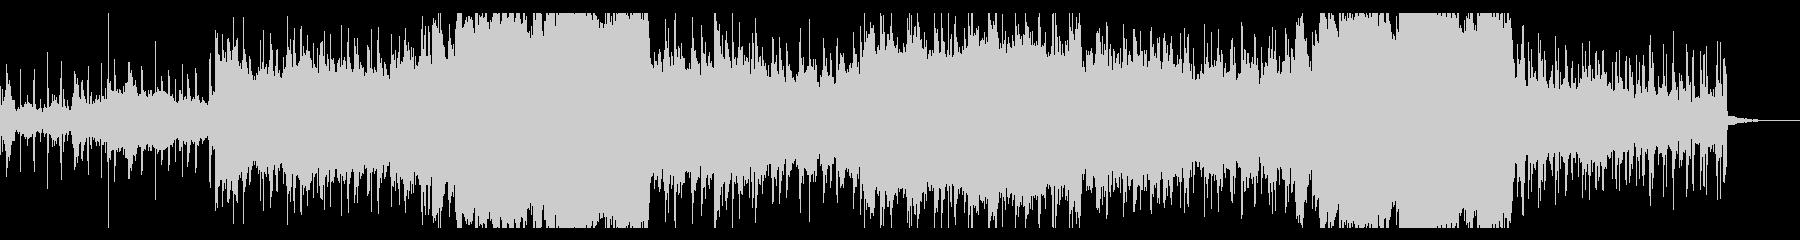 アンダーグラウンドなテクスチャの未再生の波形